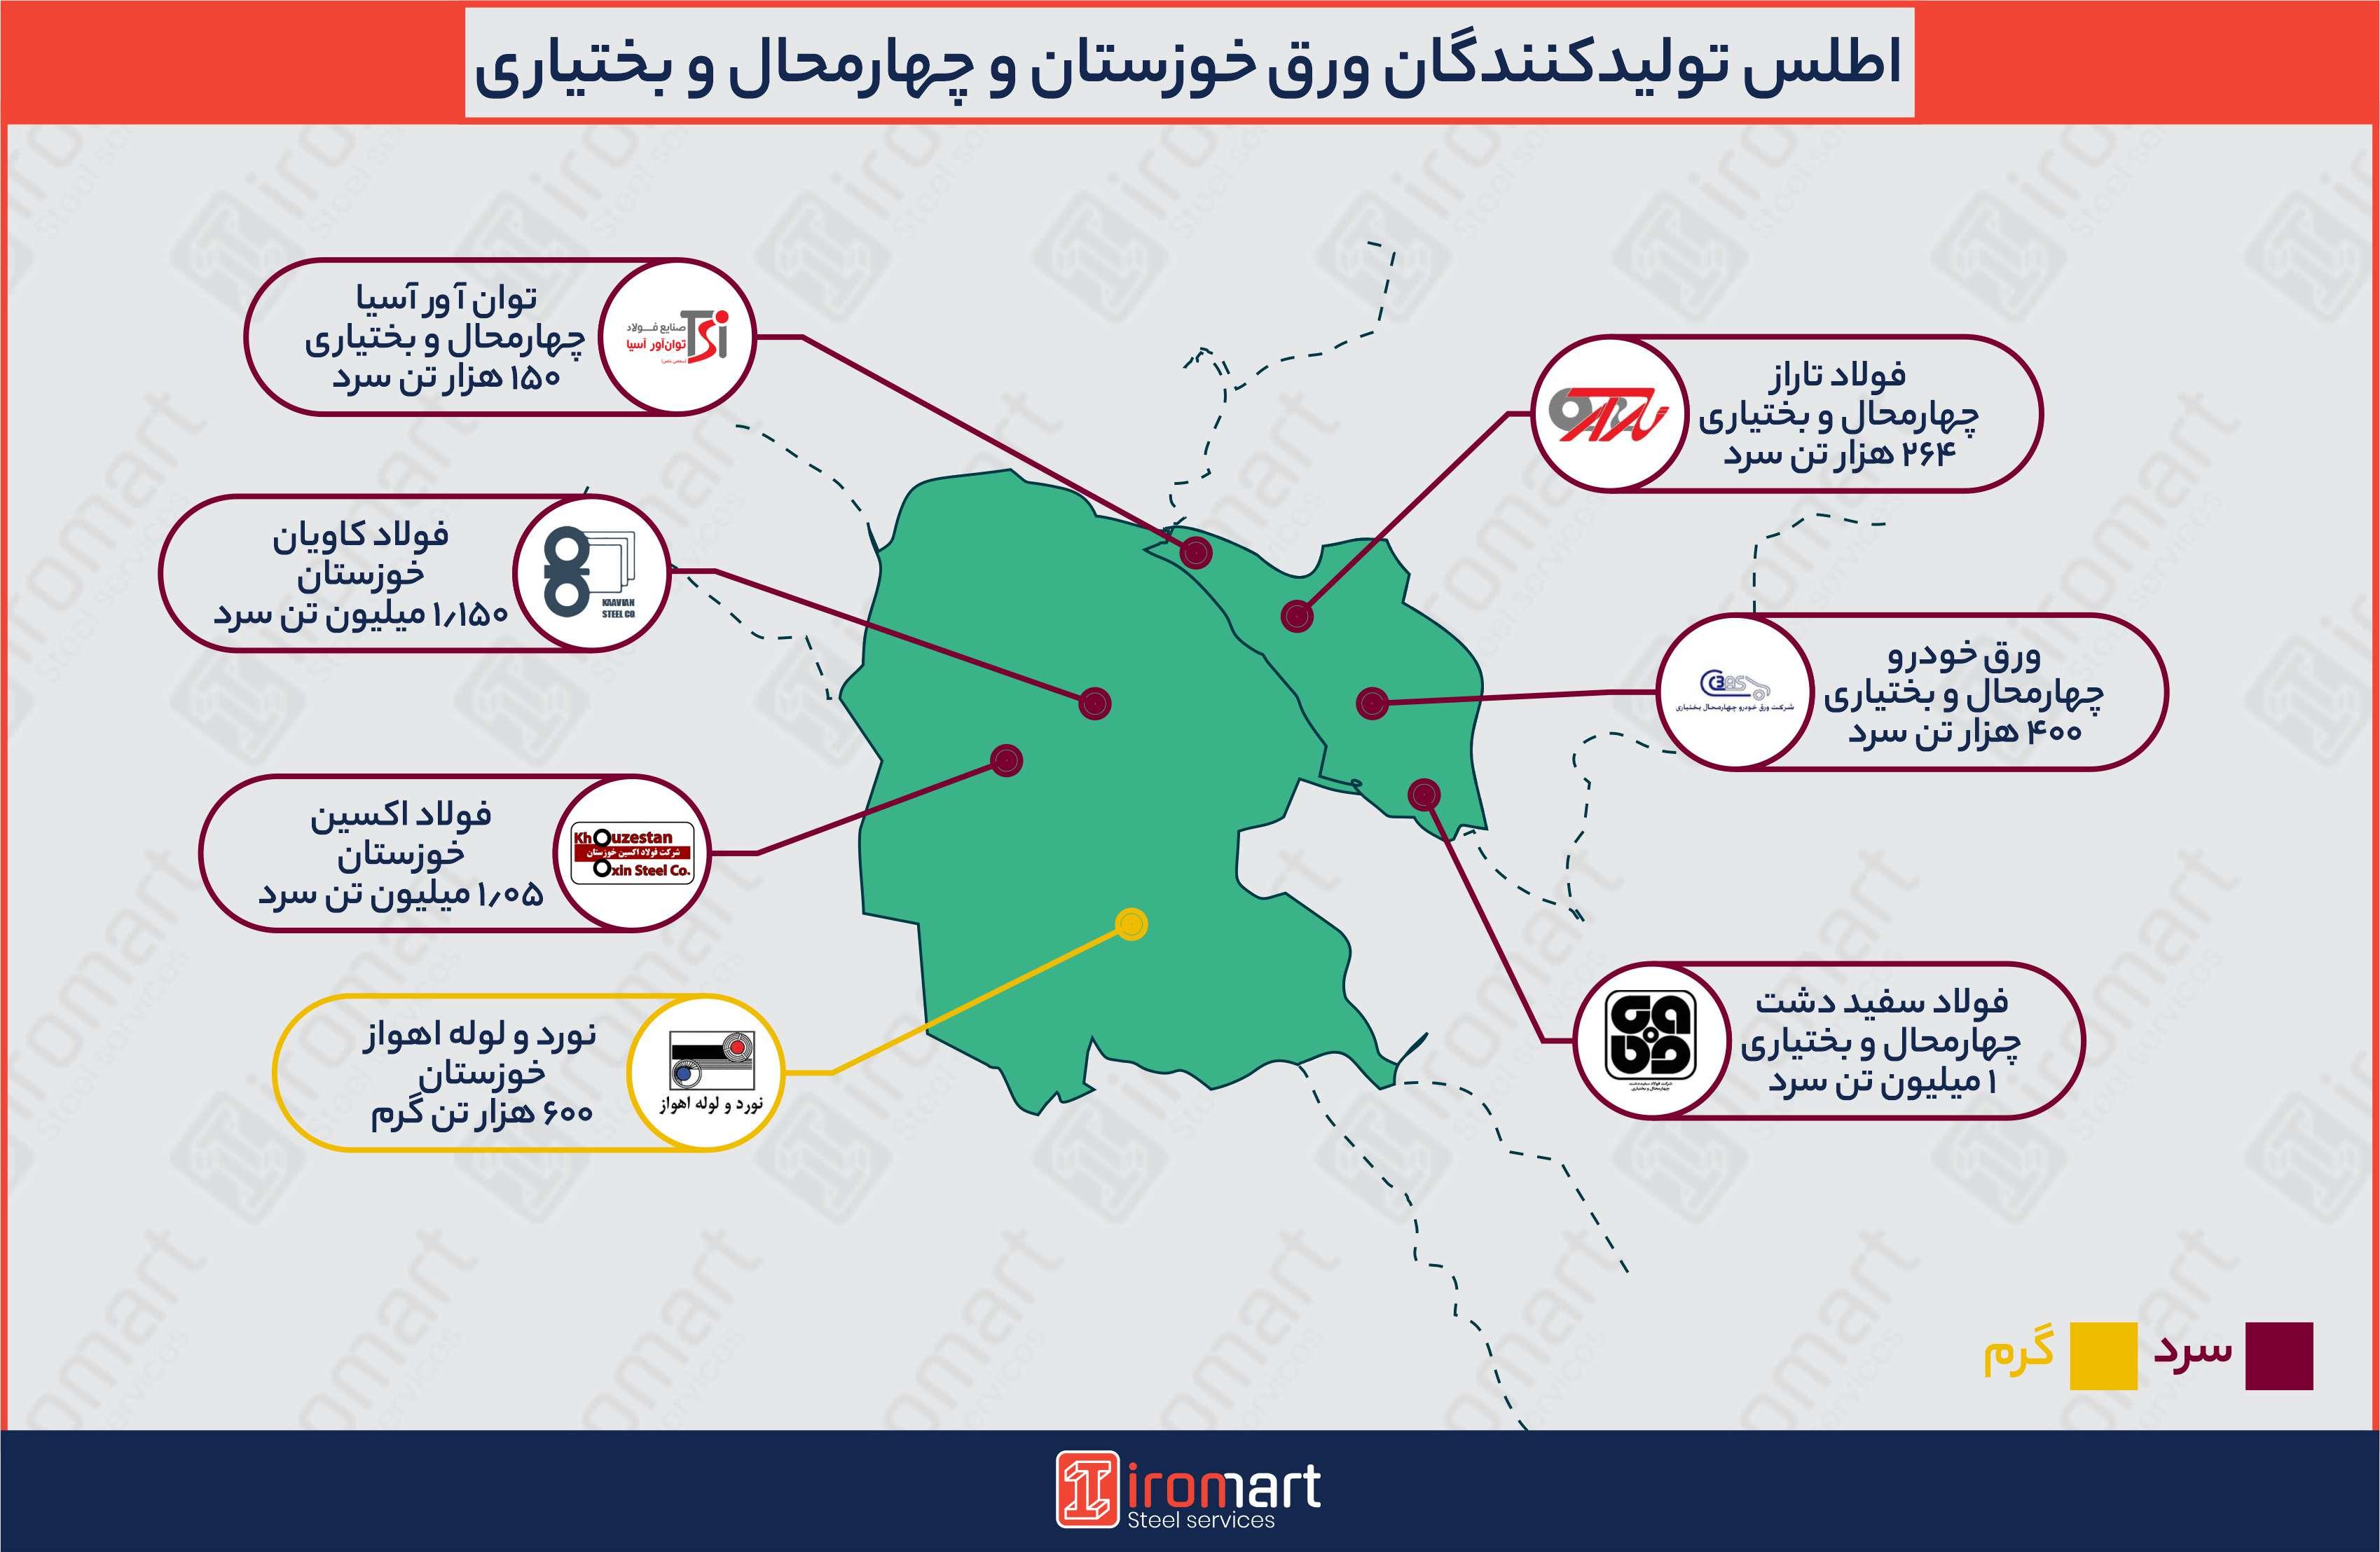 تولیدکنندگان ورق فولادی در خوزستان و چهارمحال و بختیاری